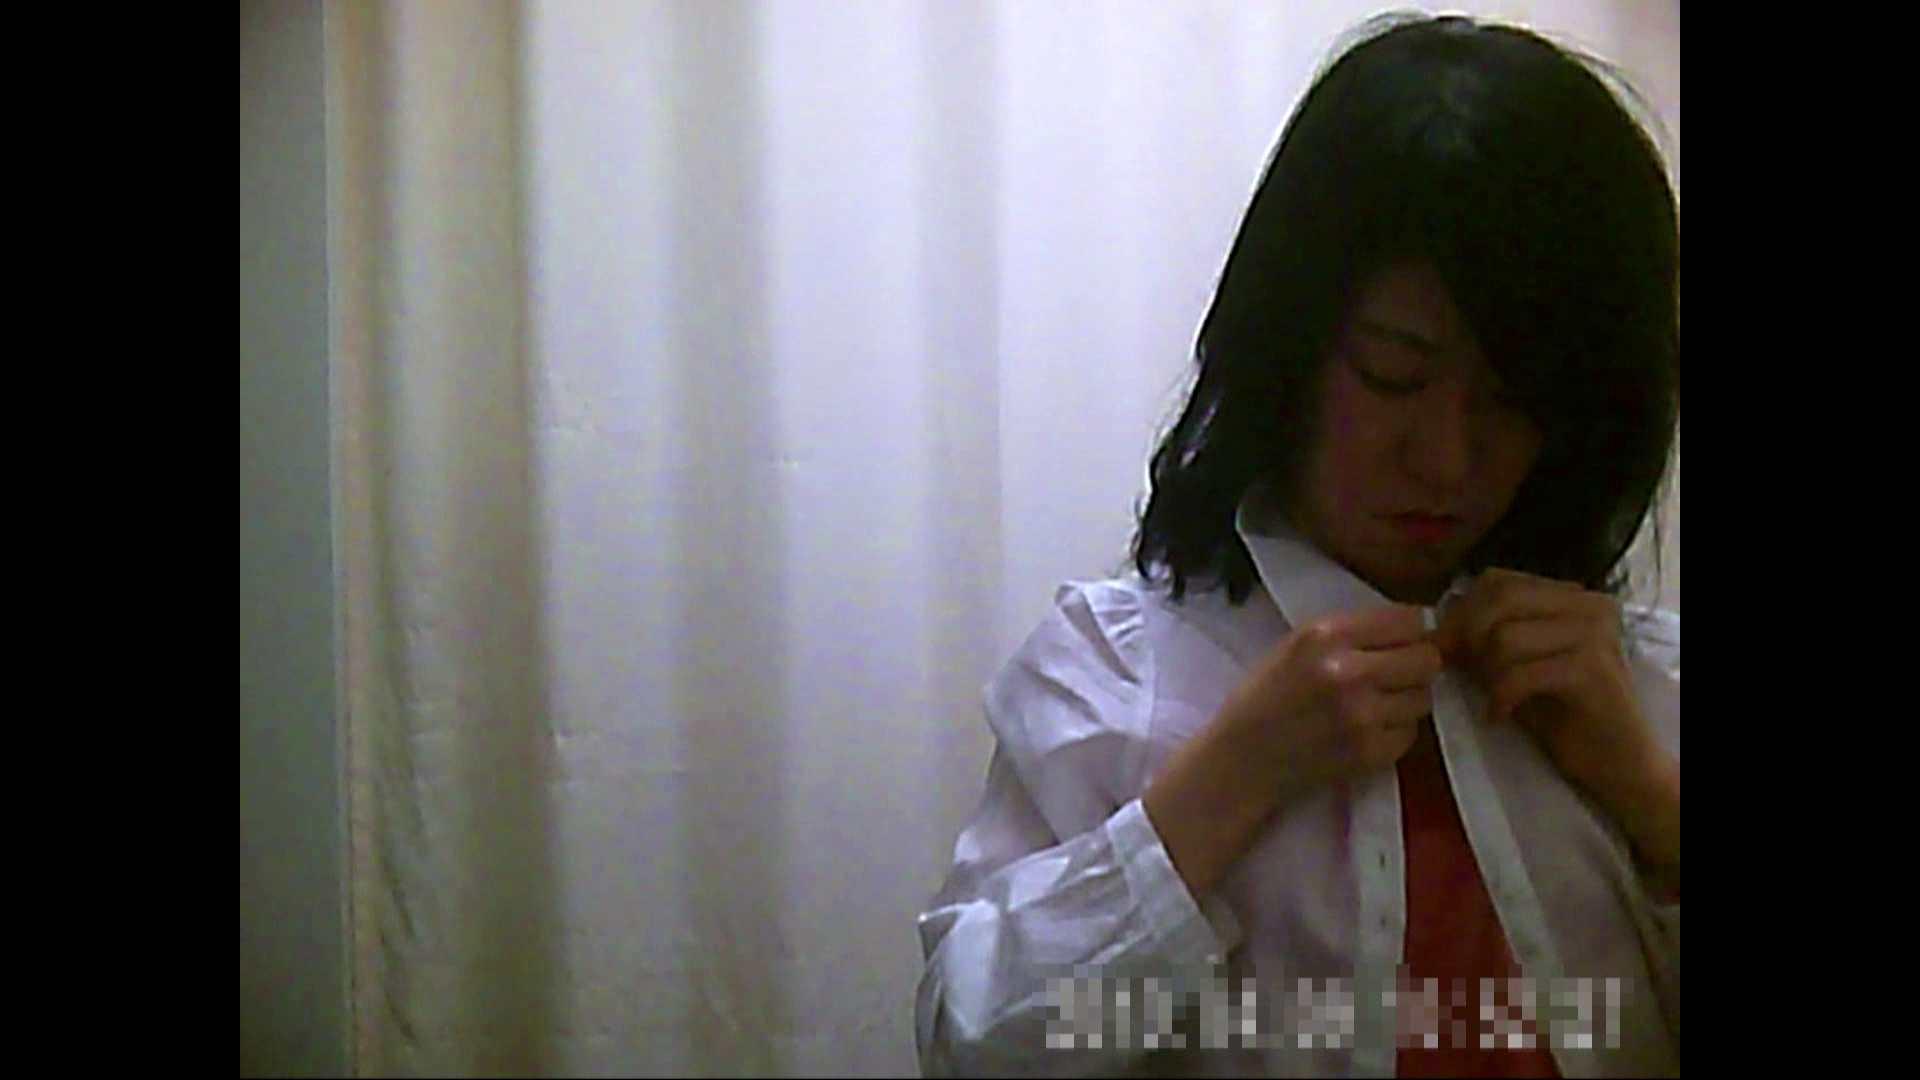 元医者による反抗 更衣室地獄絵巻 vol.097 OLの実態 | 0  87pic 11